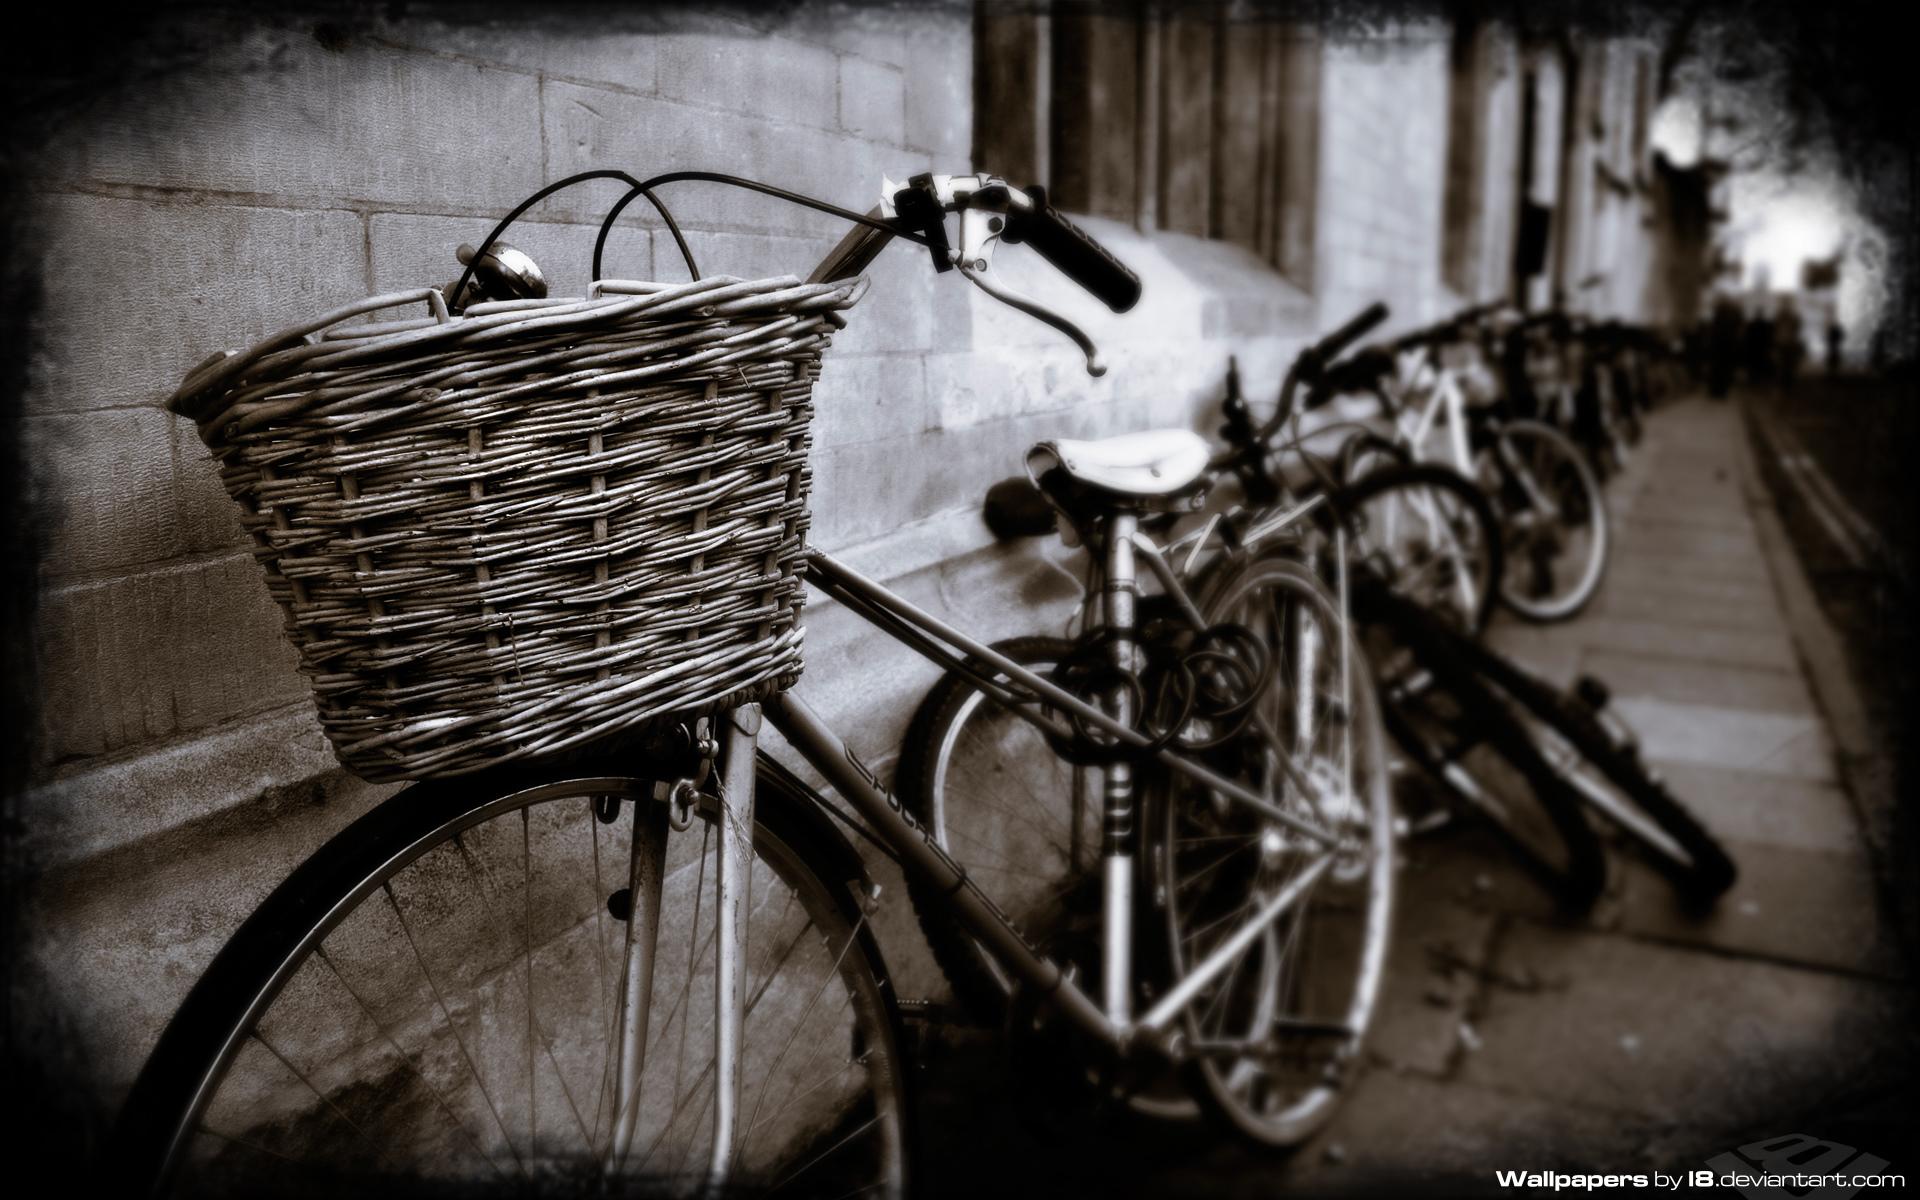 Basket Case 1920x1200 by l8